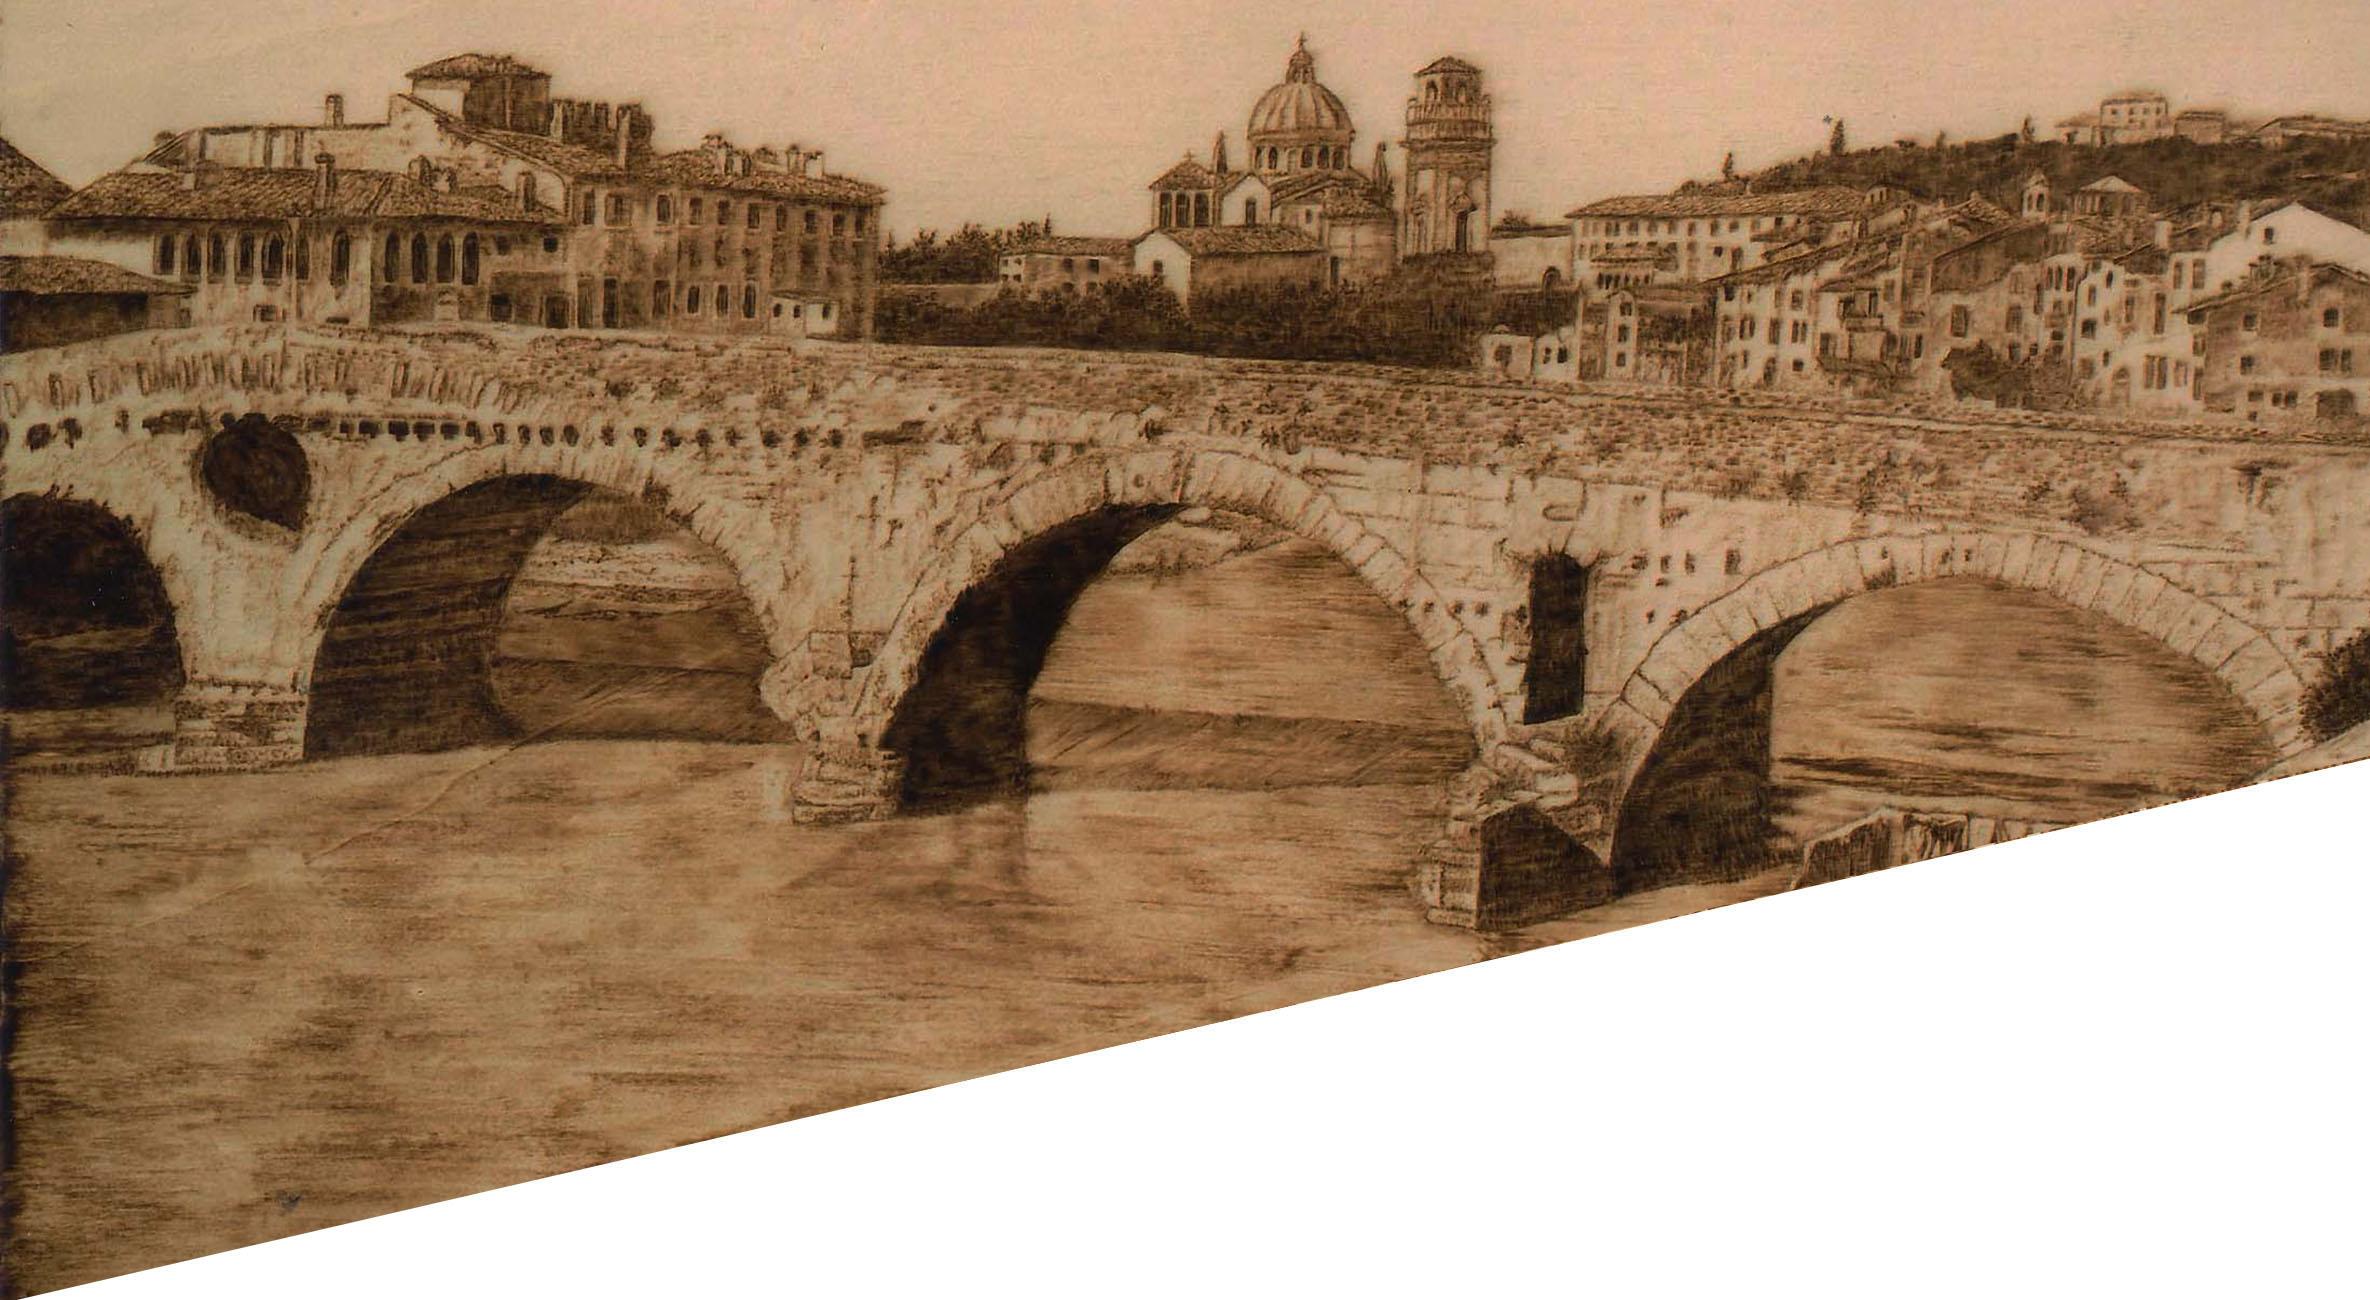 pirografia-renzo-gaioni-arte-artigianato-2-copia